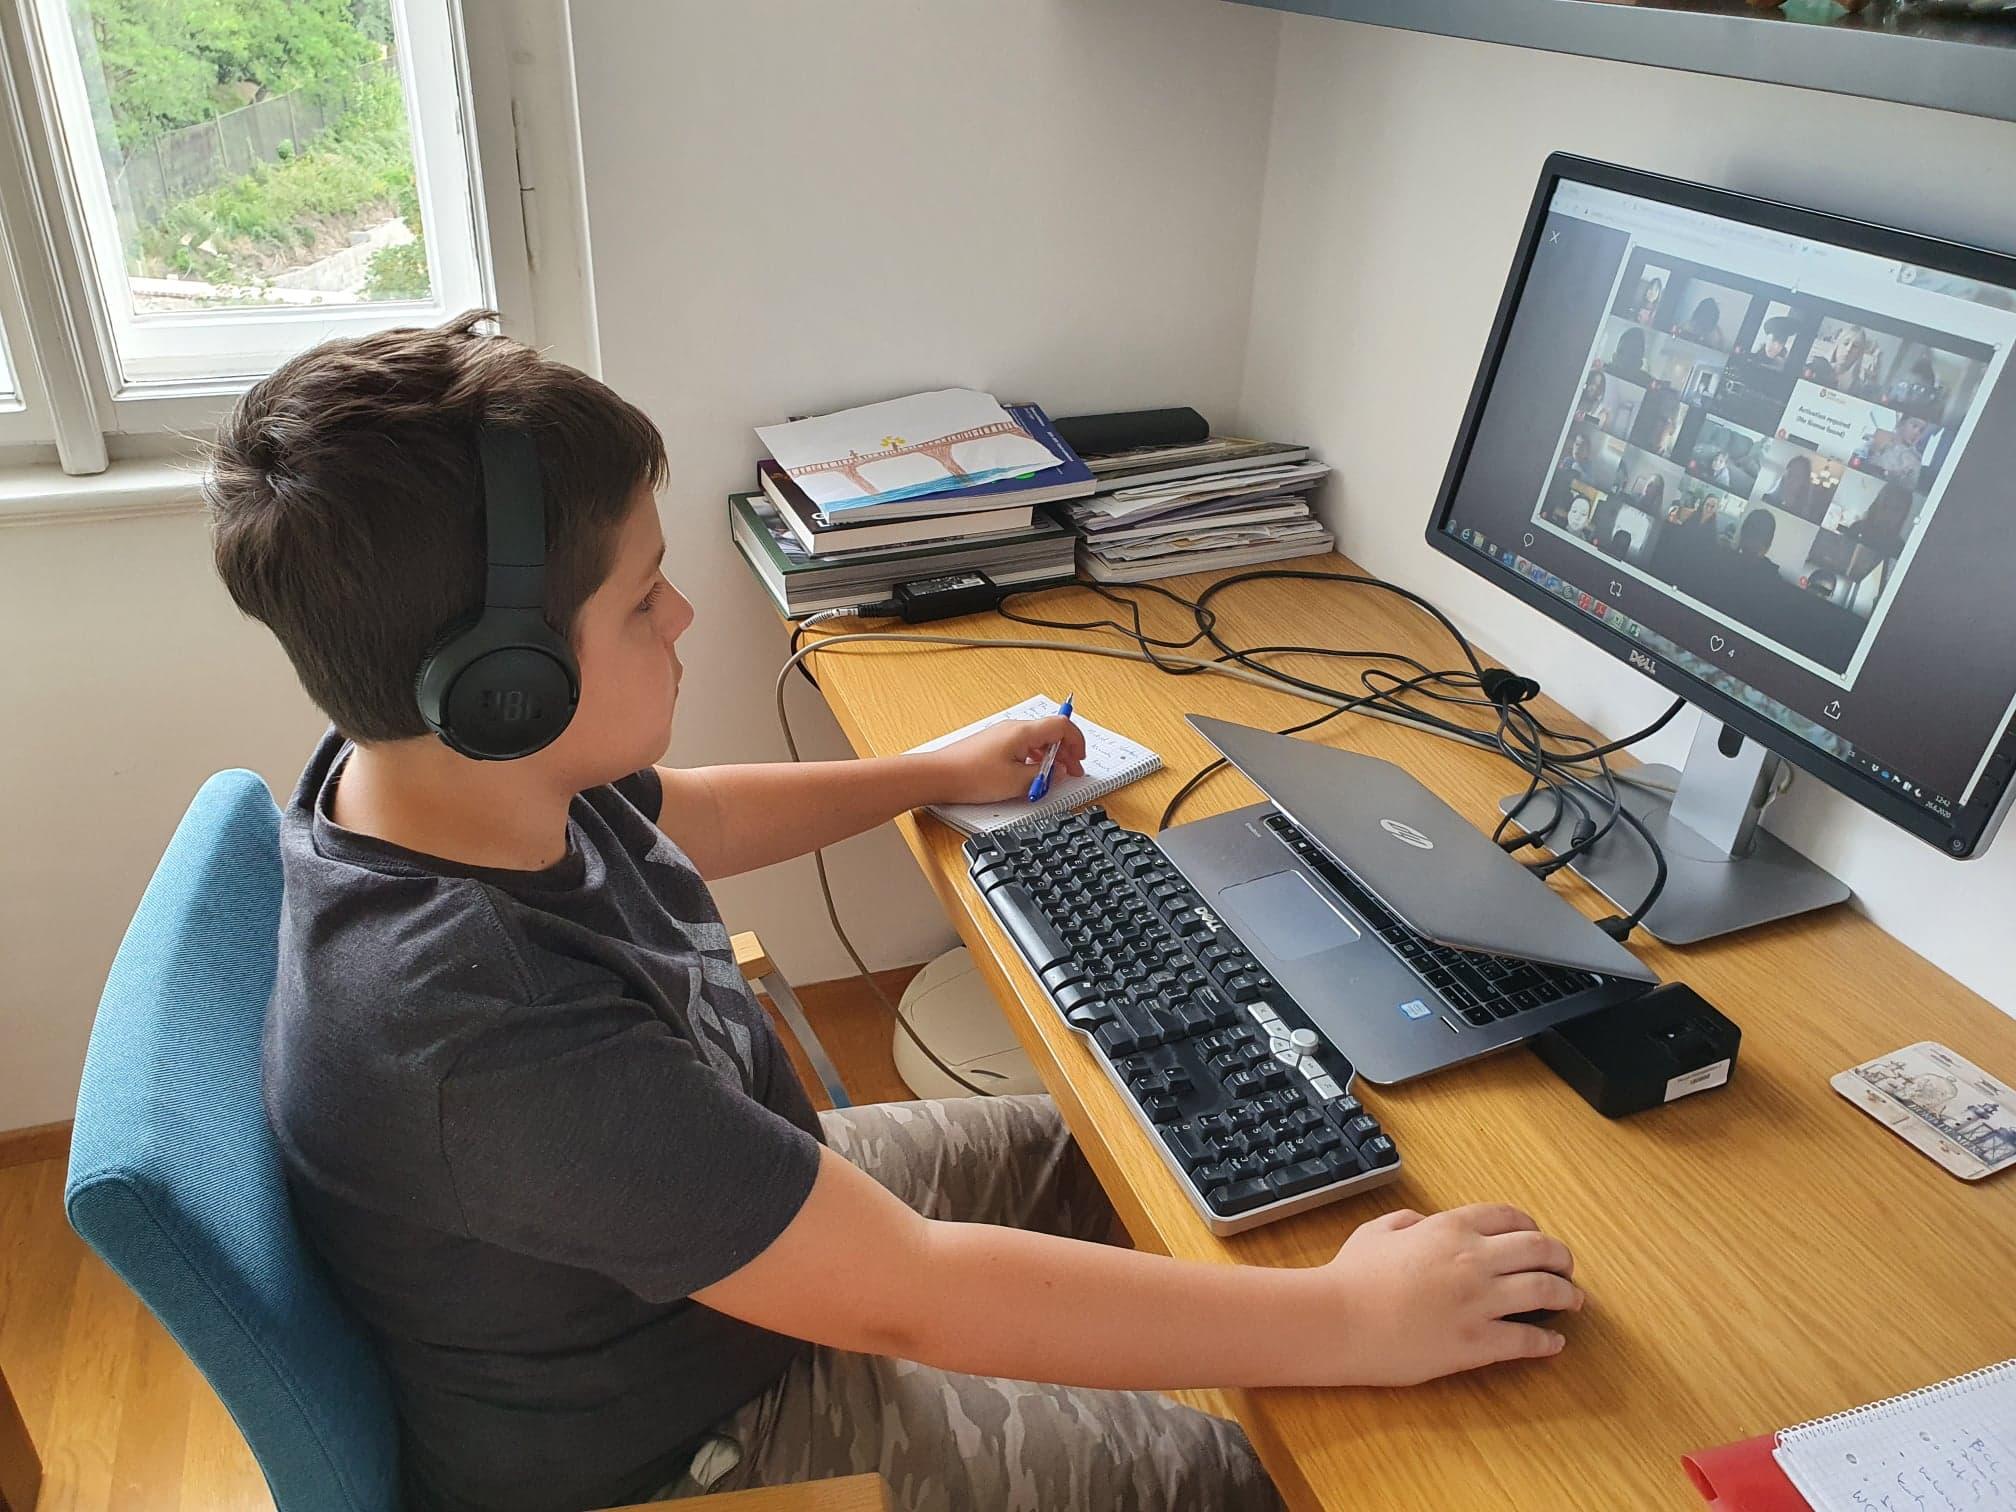 Syn David měl to štěstí, že se se spolužáky i učiteli vídal online, říká Pavlína Checcacci.